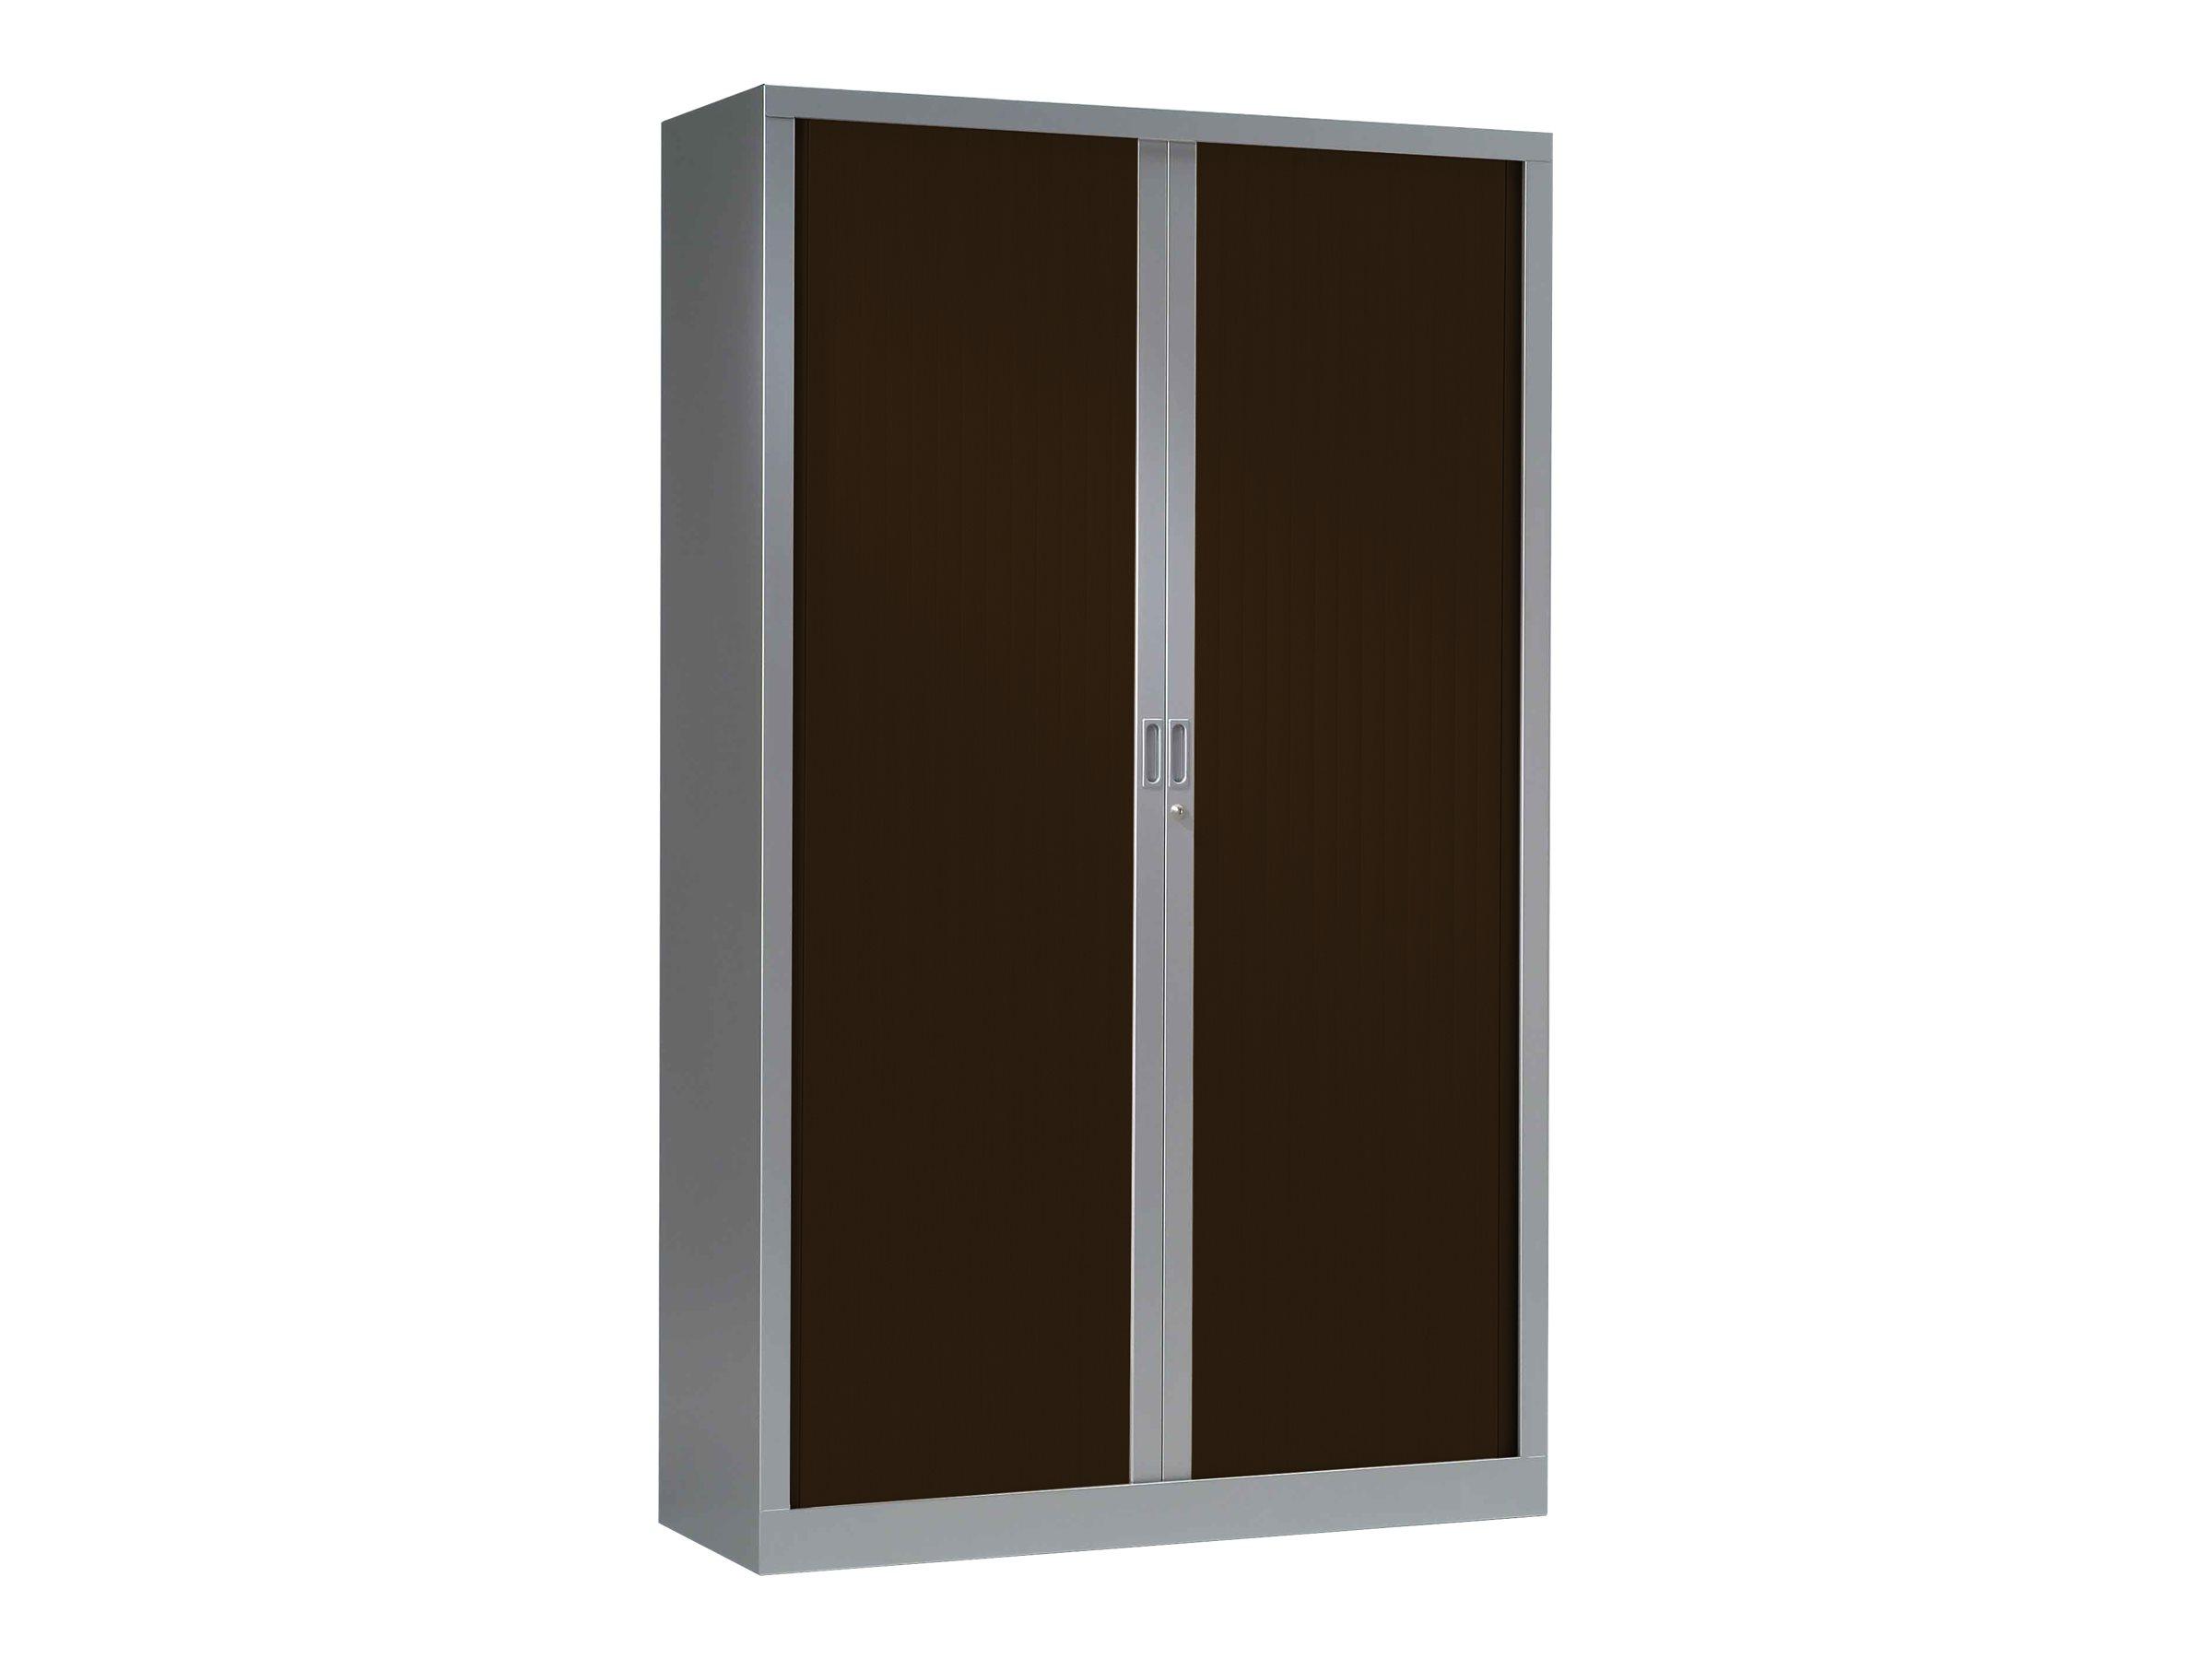 Armoire haute monobloc à rideaux GENERIC - 198 x 120 x 43 cm - aluminium/imitation wengé